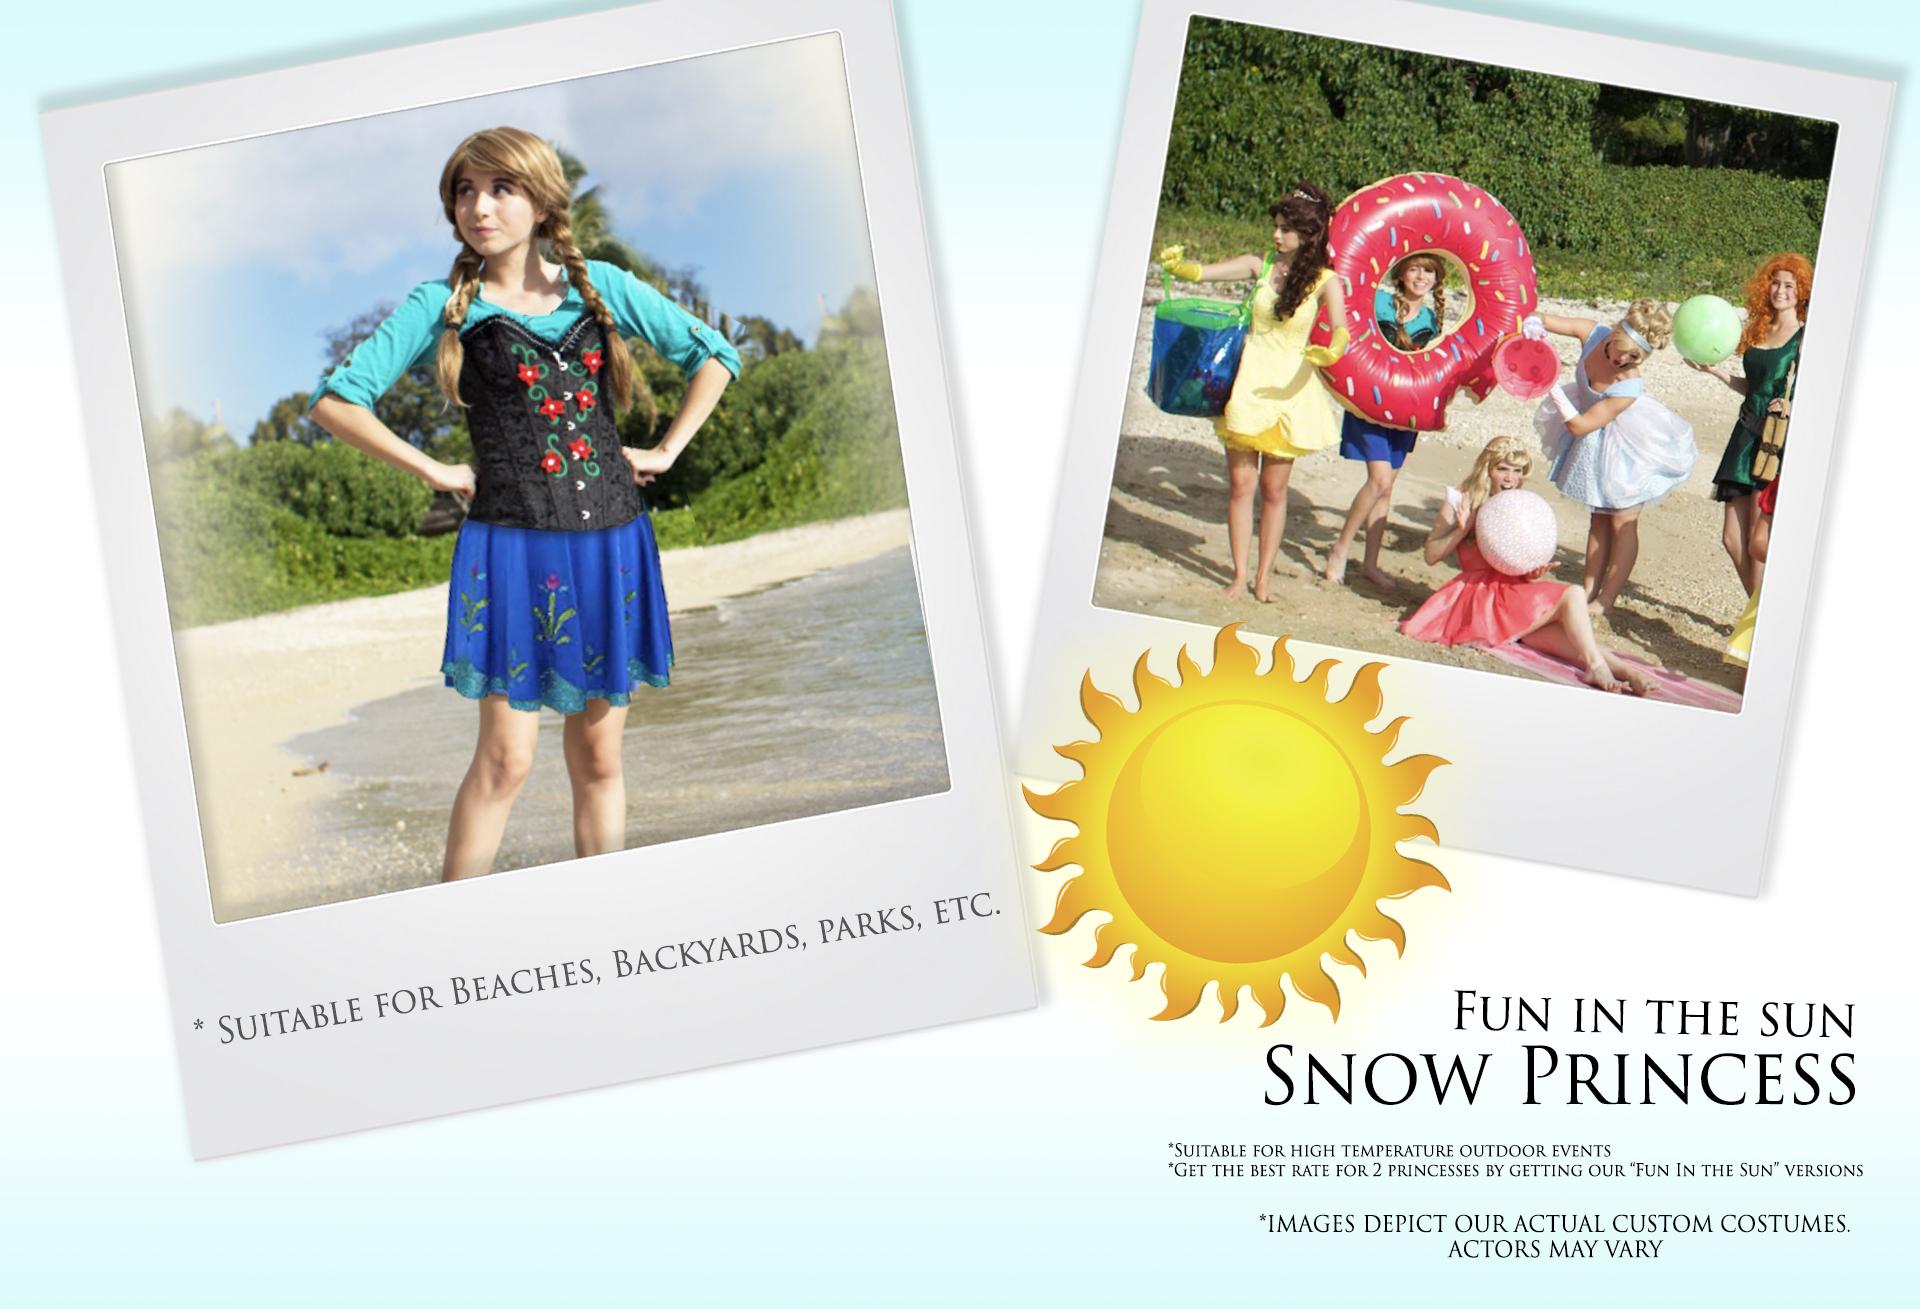 Fun in the Sun Snow Princess